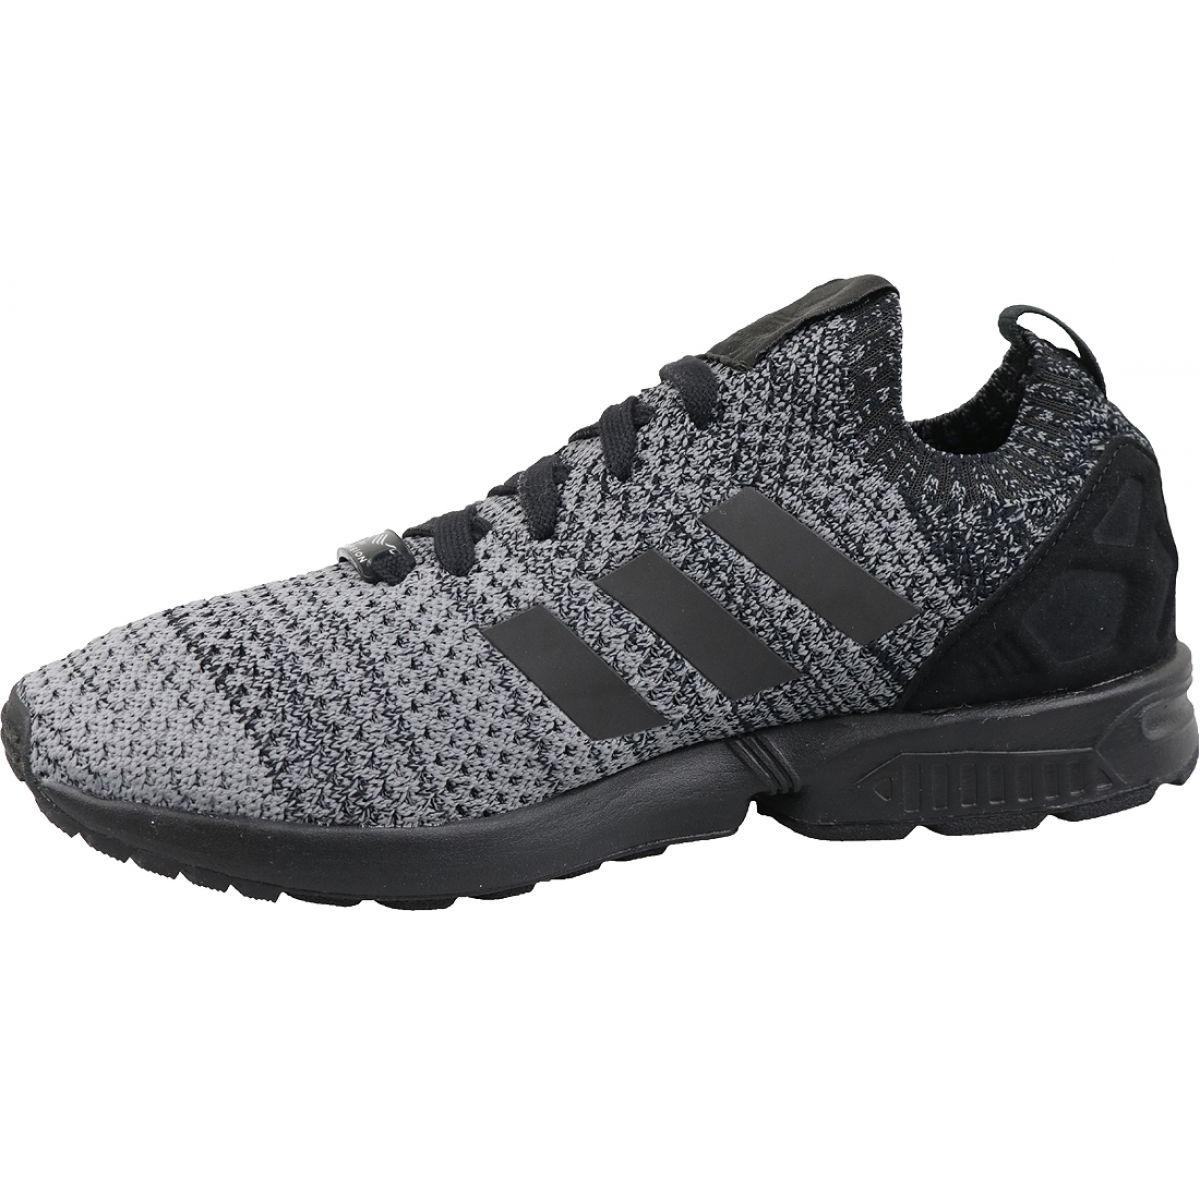 Black Adidas Originals Zx Flux Primeknit M BZ0562 shoes